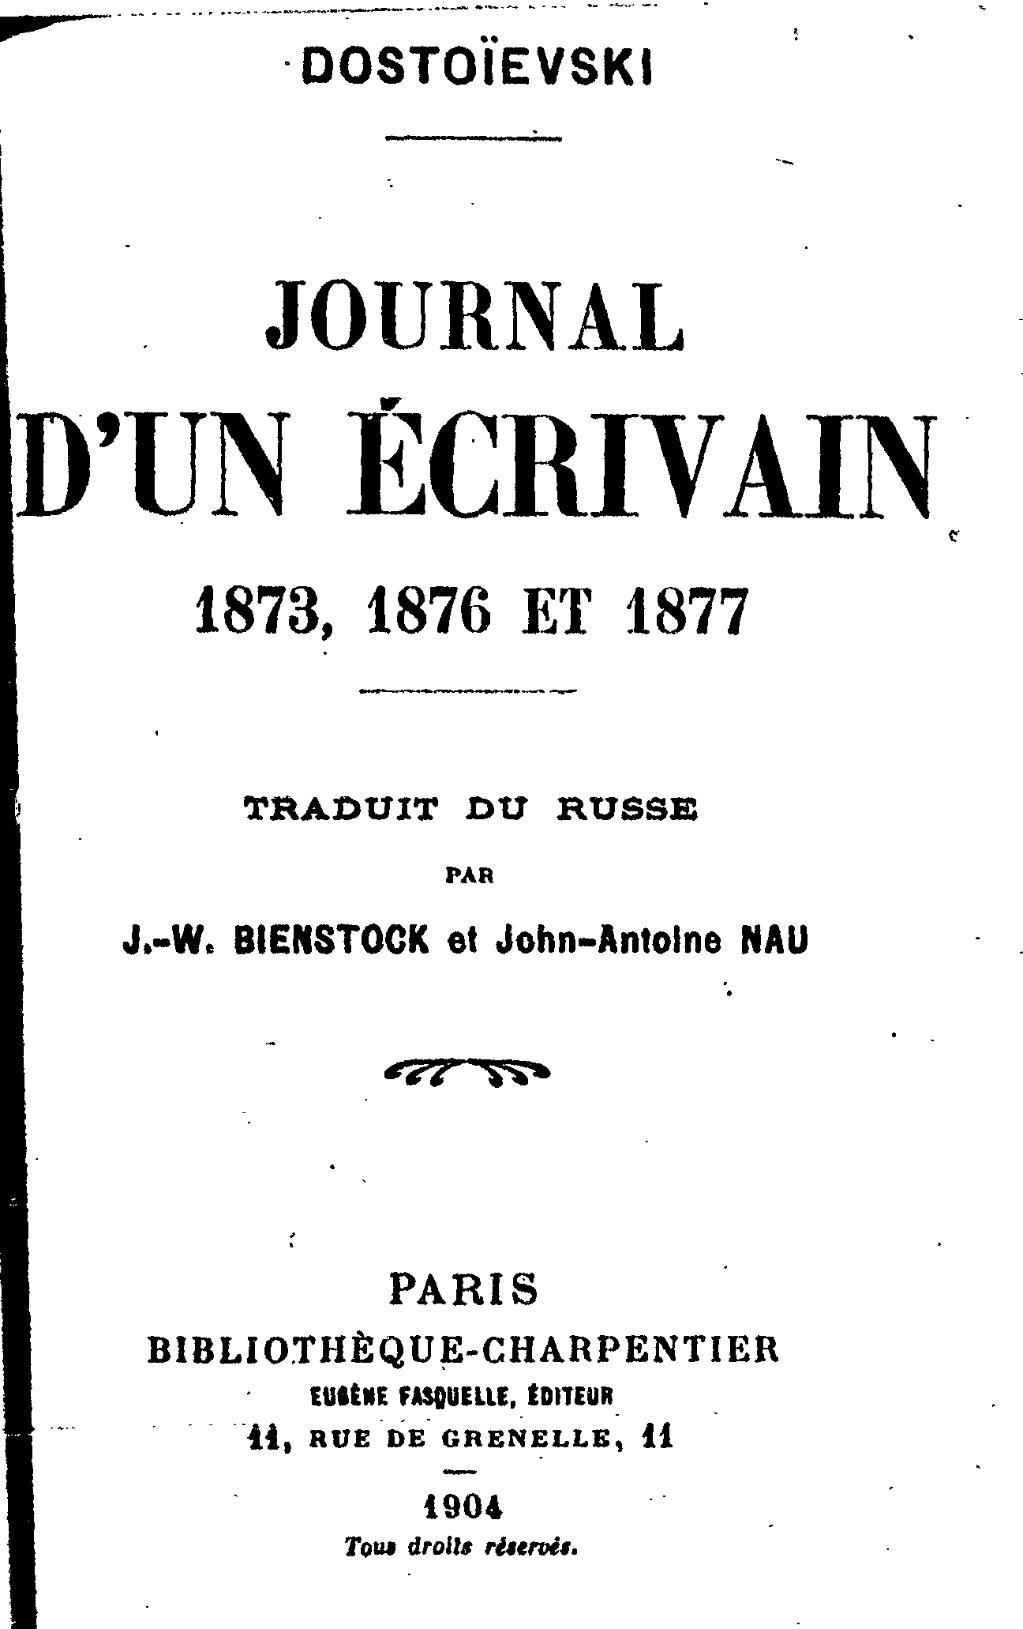 Dostoïevski_-_Journal_d'un_ecrivain.djvu